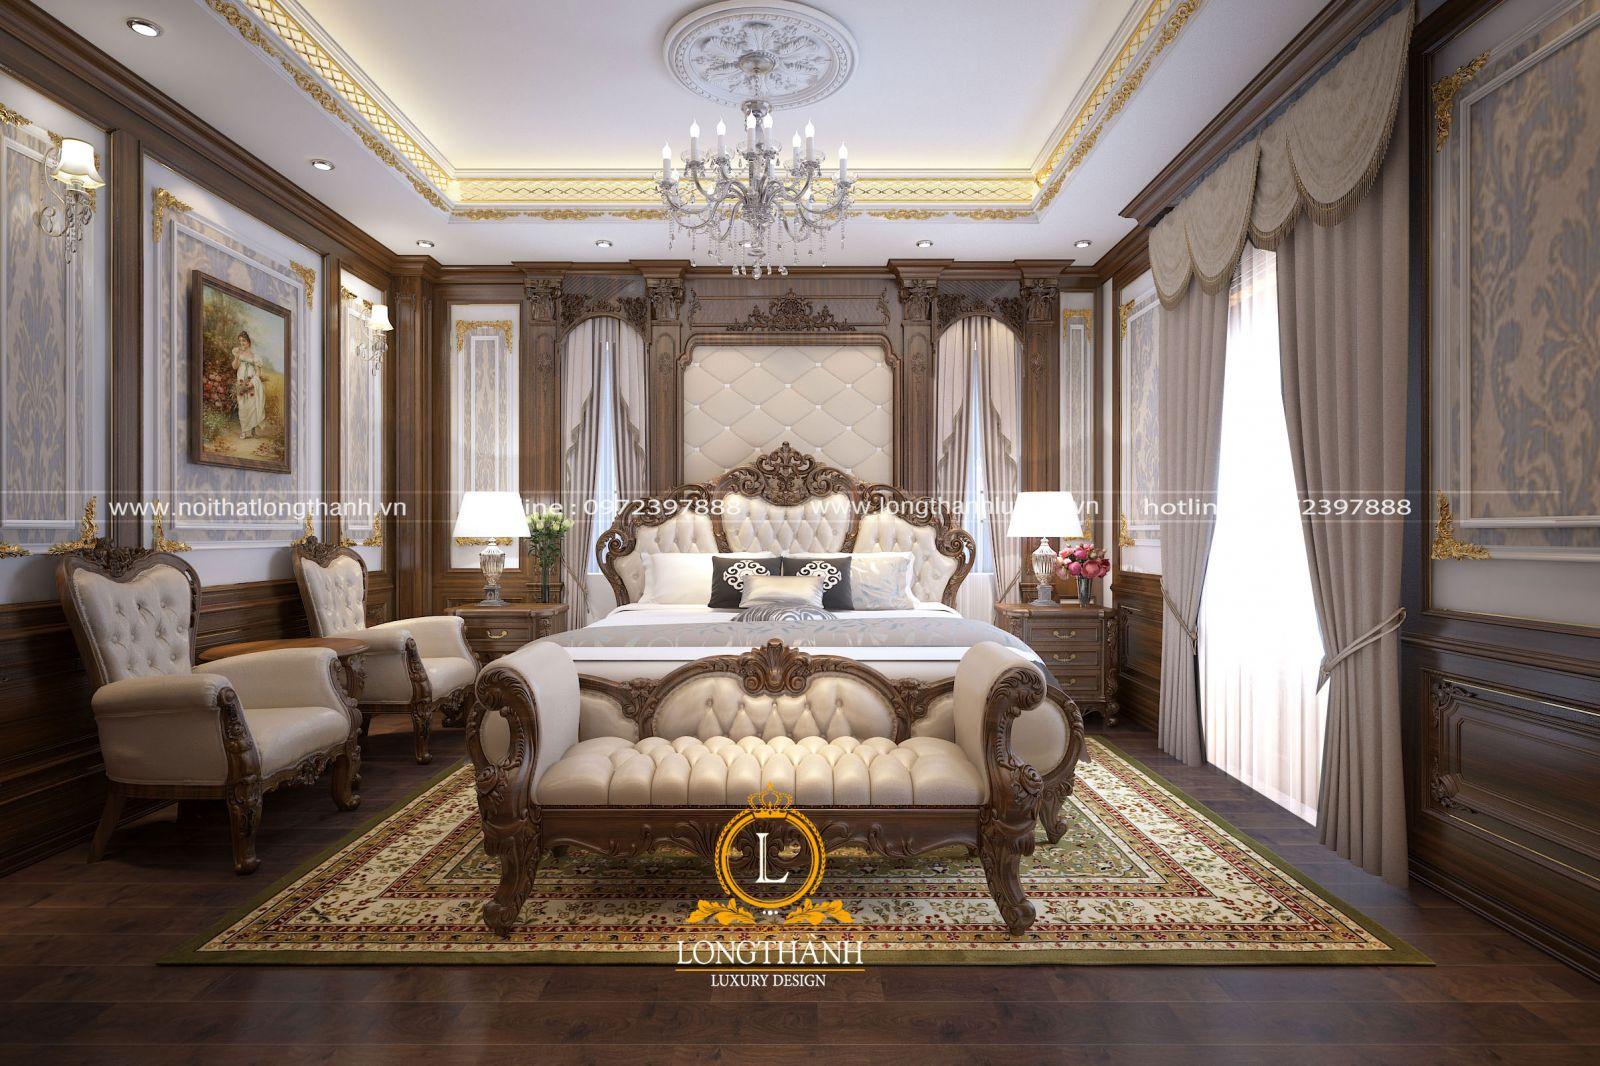 Phòng ngủ master đầy đủ tiện nghi với góc nhìn chính diện